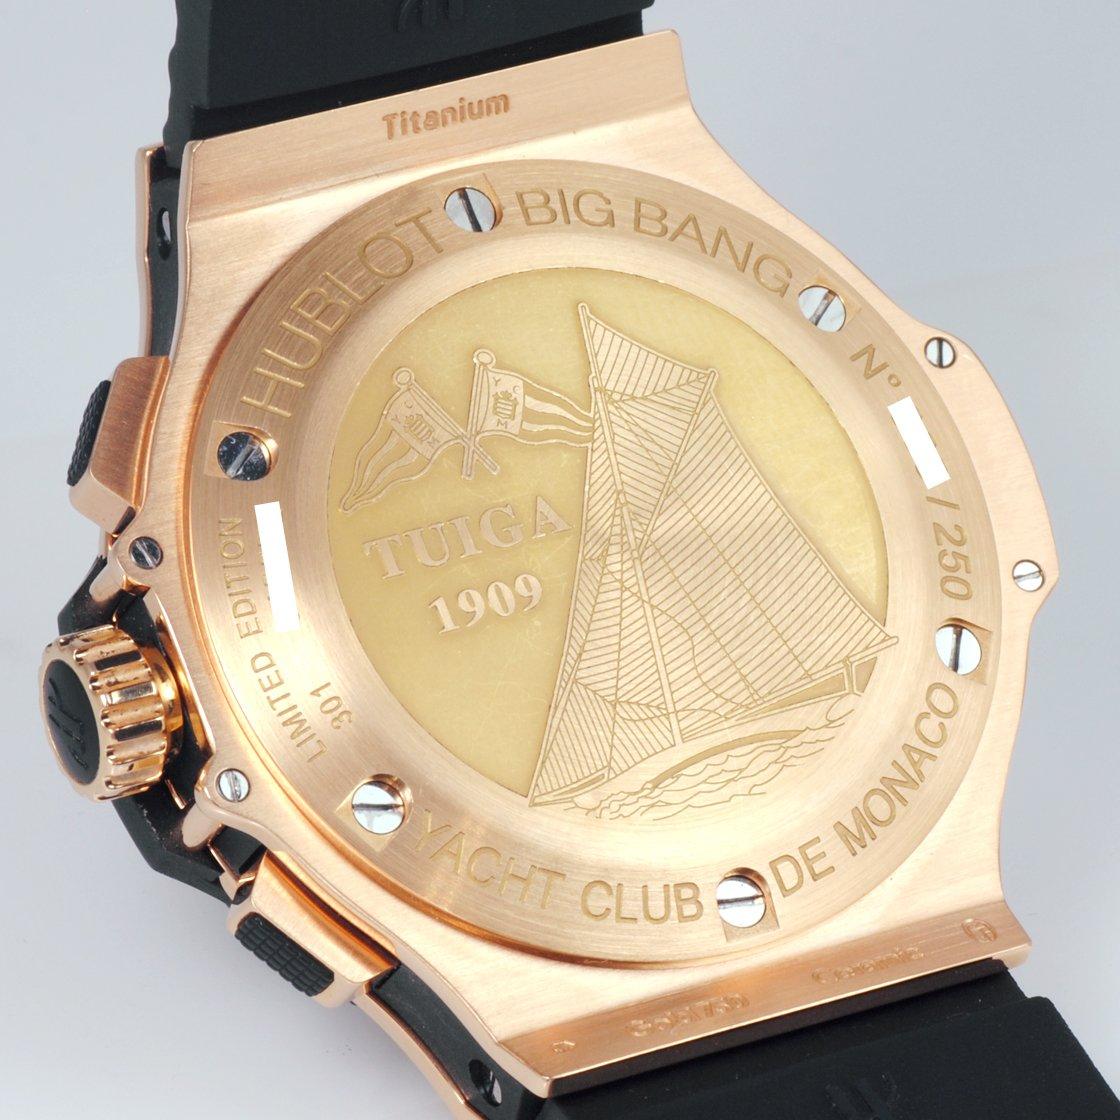 newest 113b1 af224 Amazon | [ウブロ] 腕時計 ビッグバン モナコヨットクラブ TUIGA ...